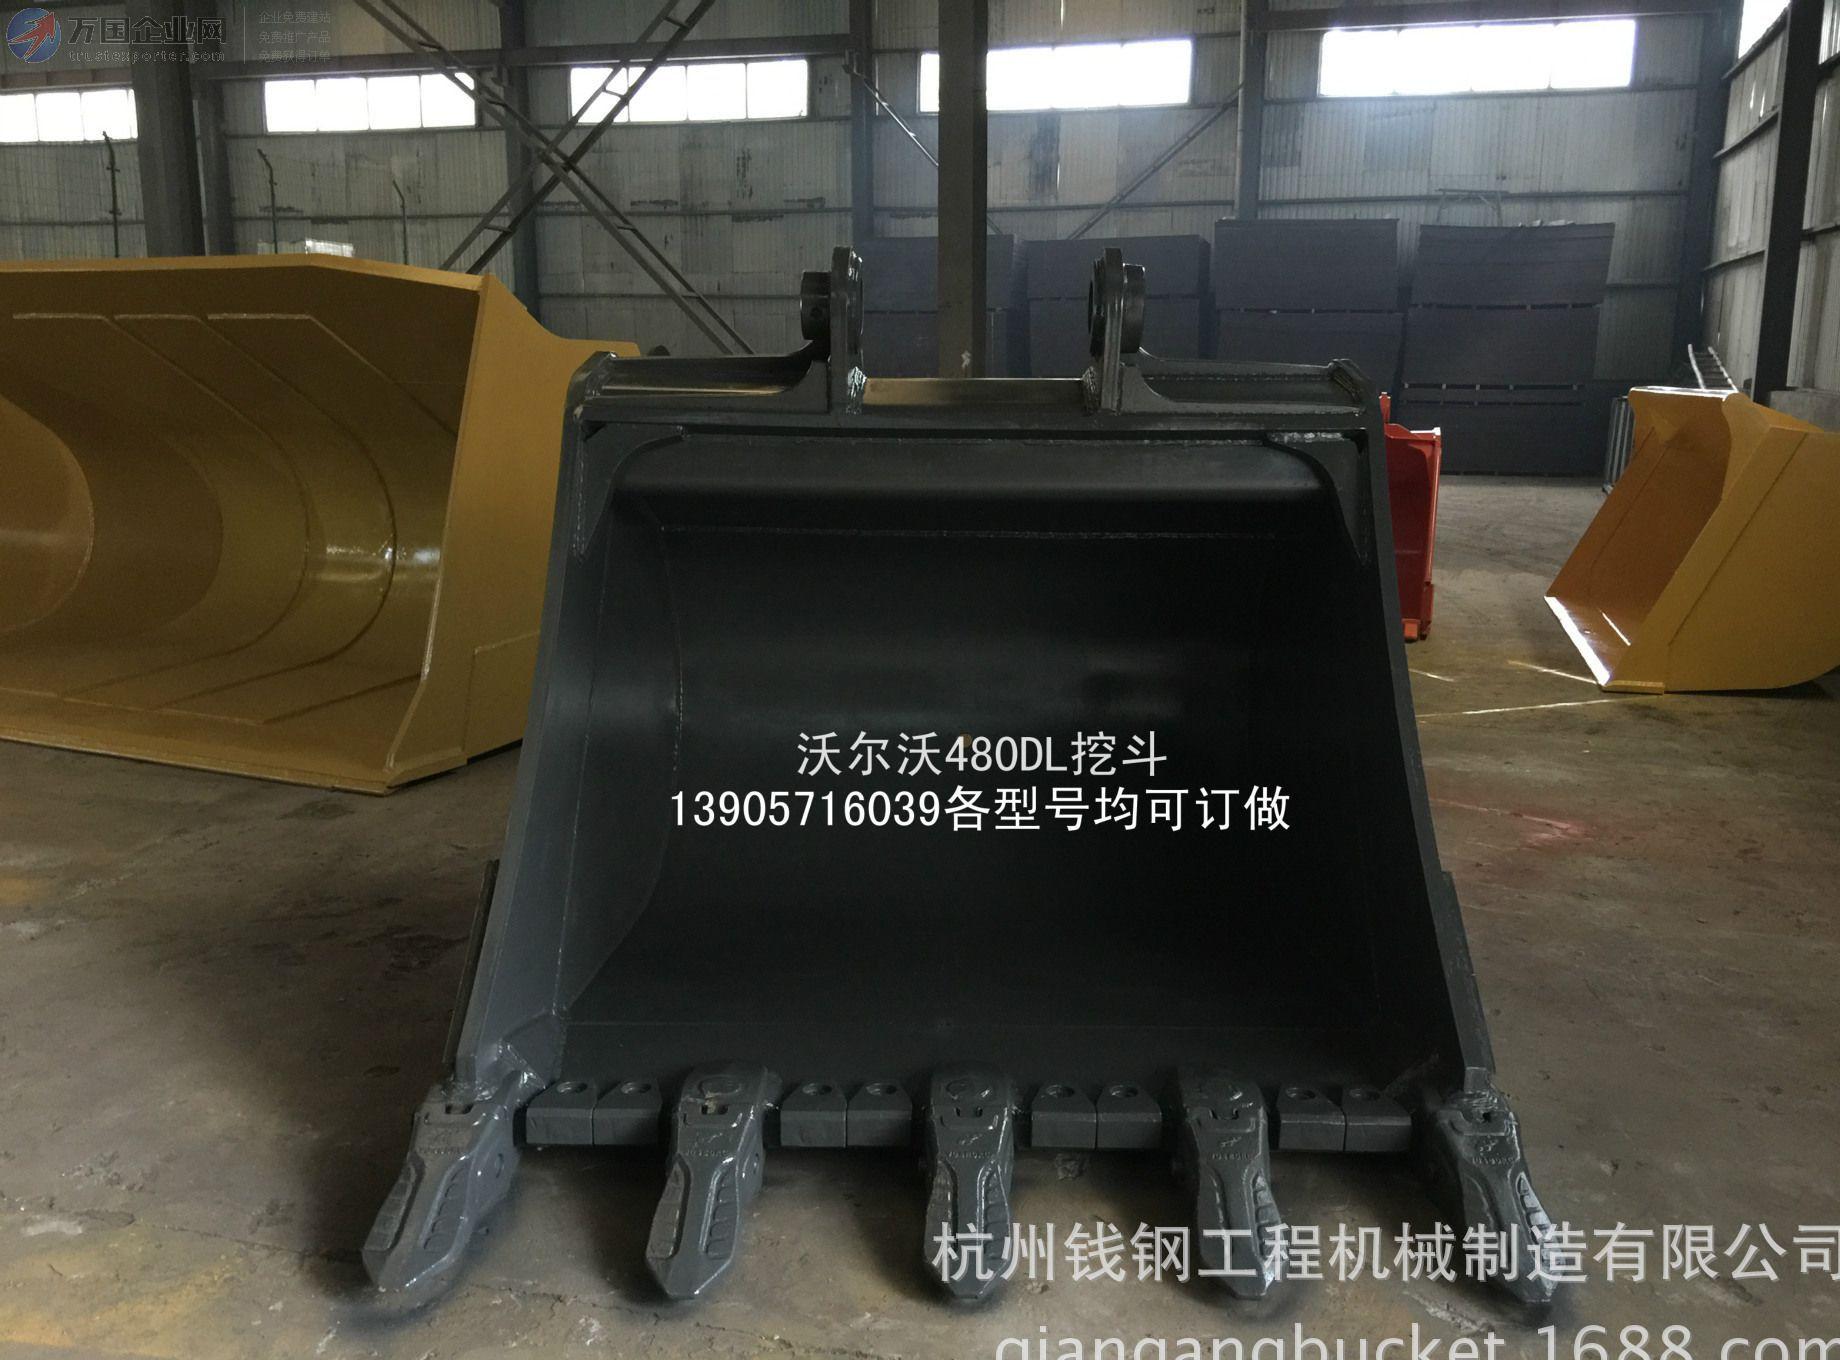 厂家直销VOLVO沃尔沃EC480DL挖斗 VOLVO/沃尔沃 挖掘机